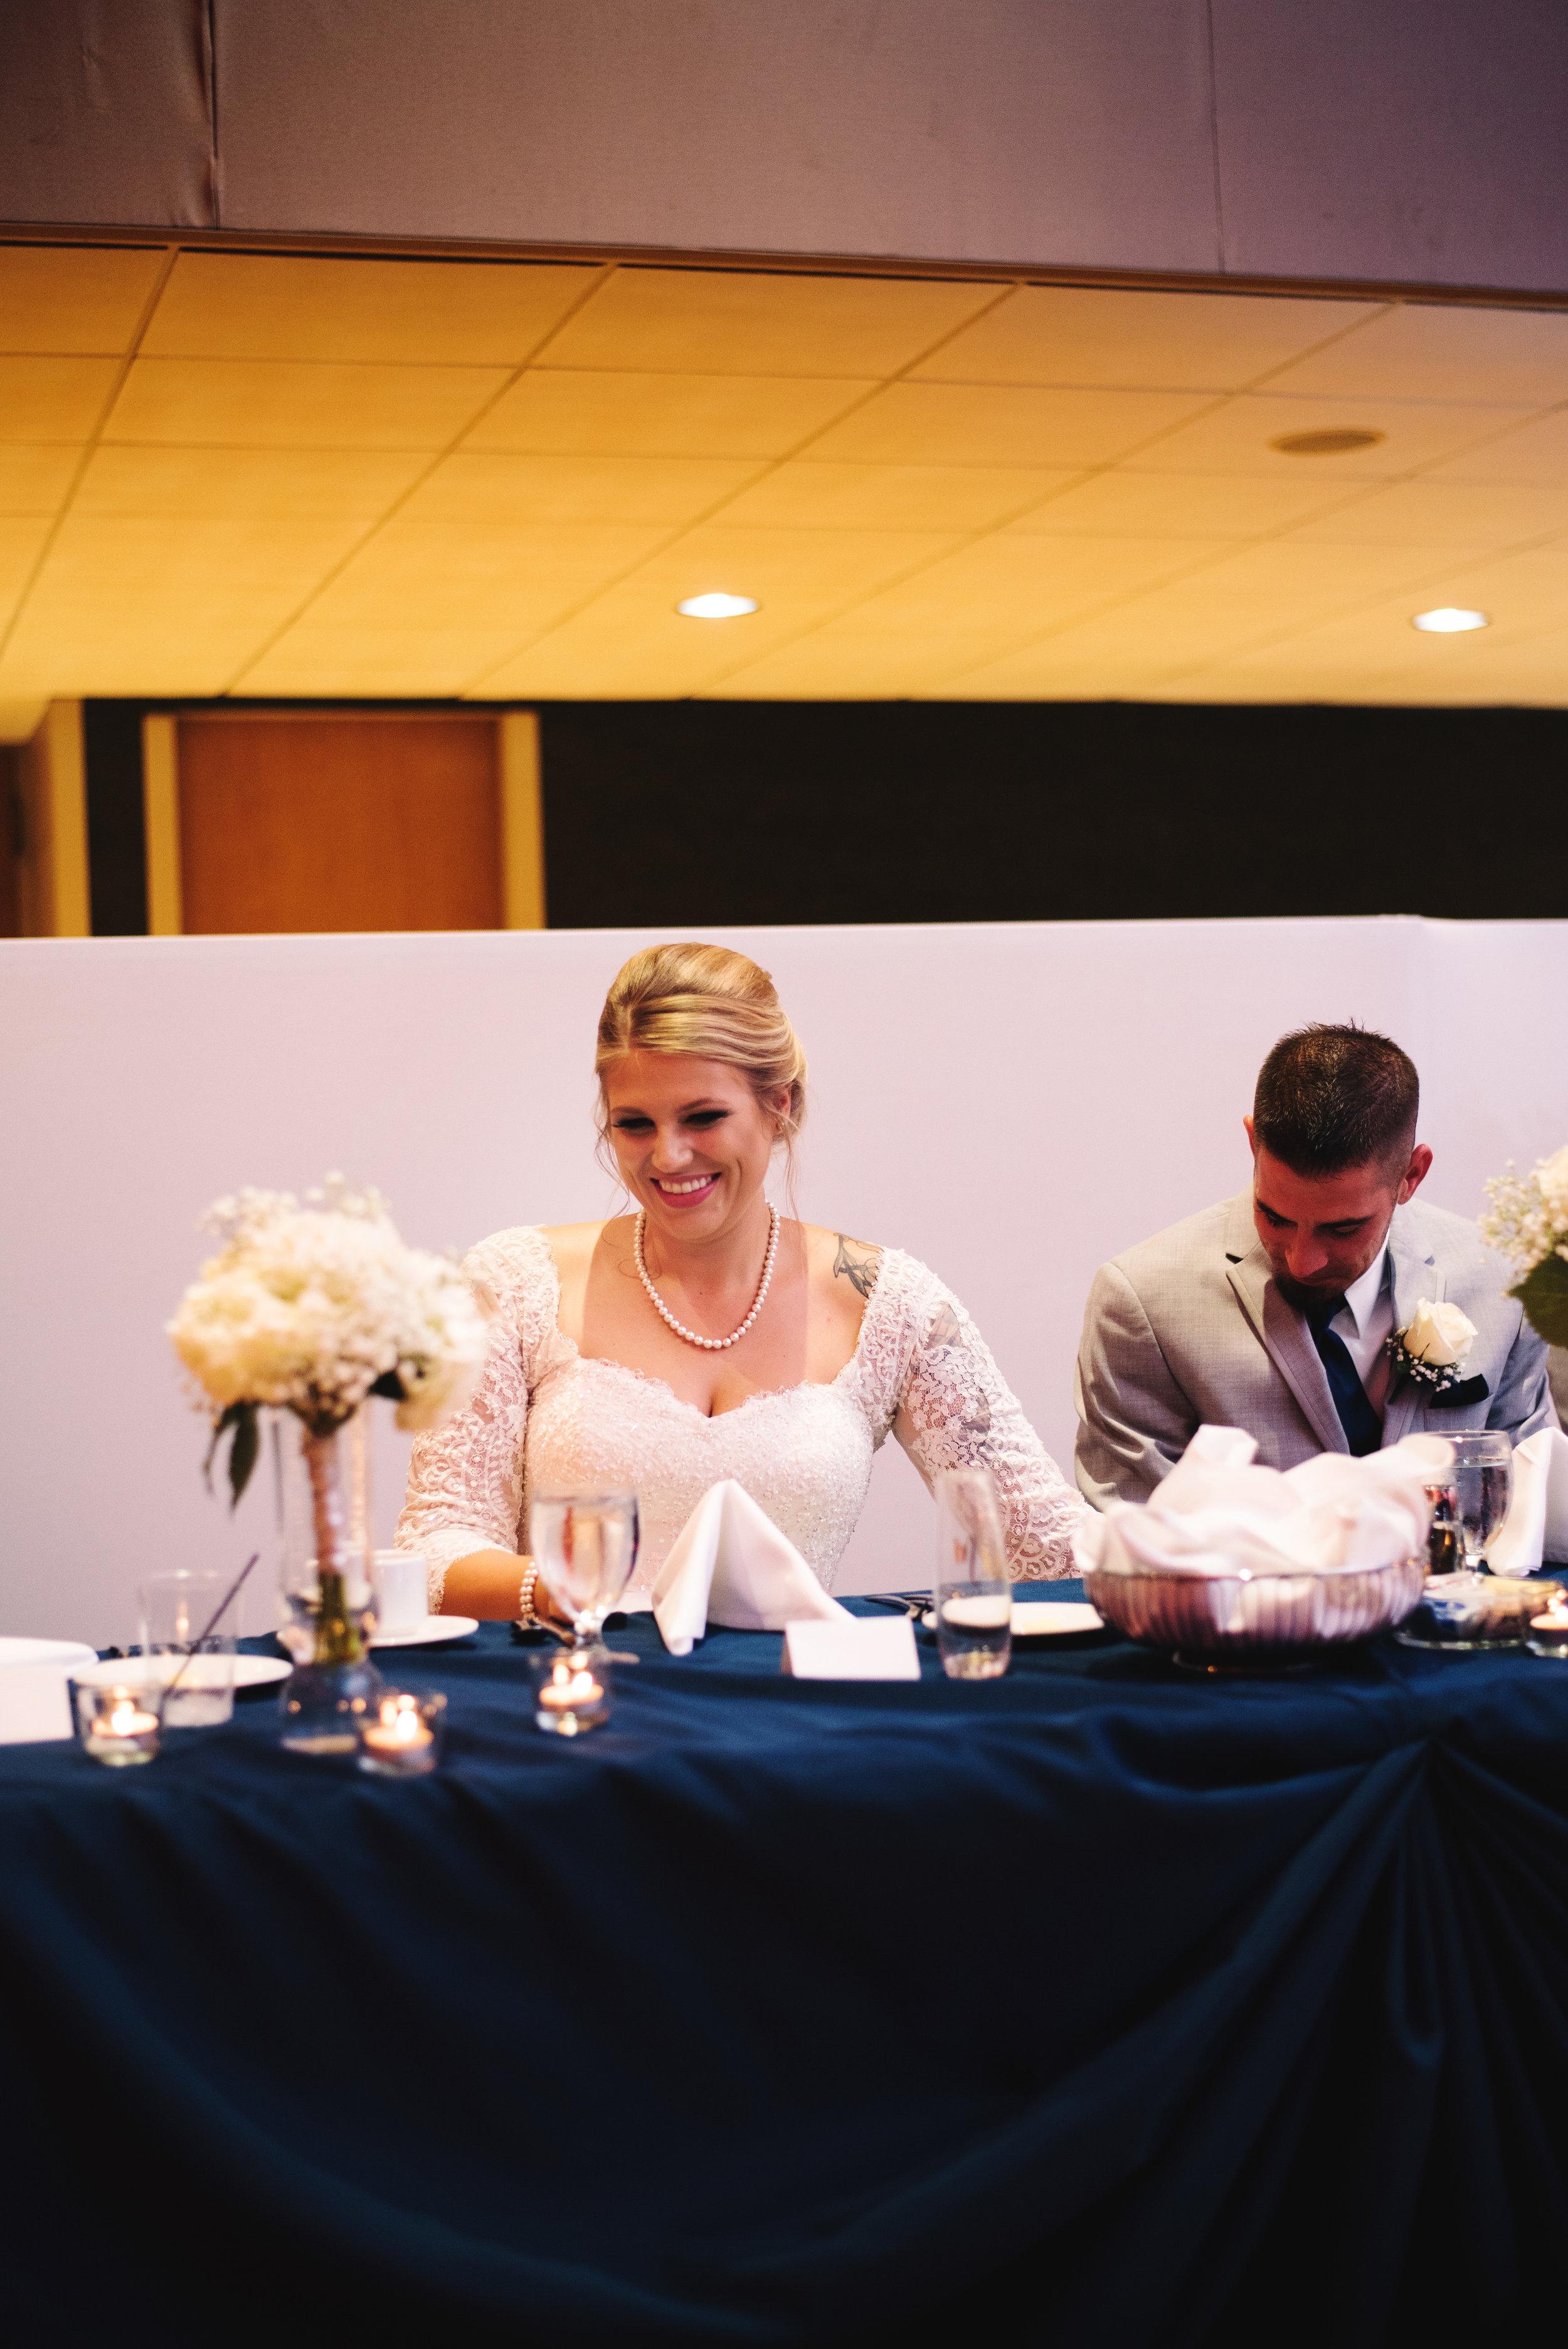 King-Northern-Illinois-University-Wedding113.jpg